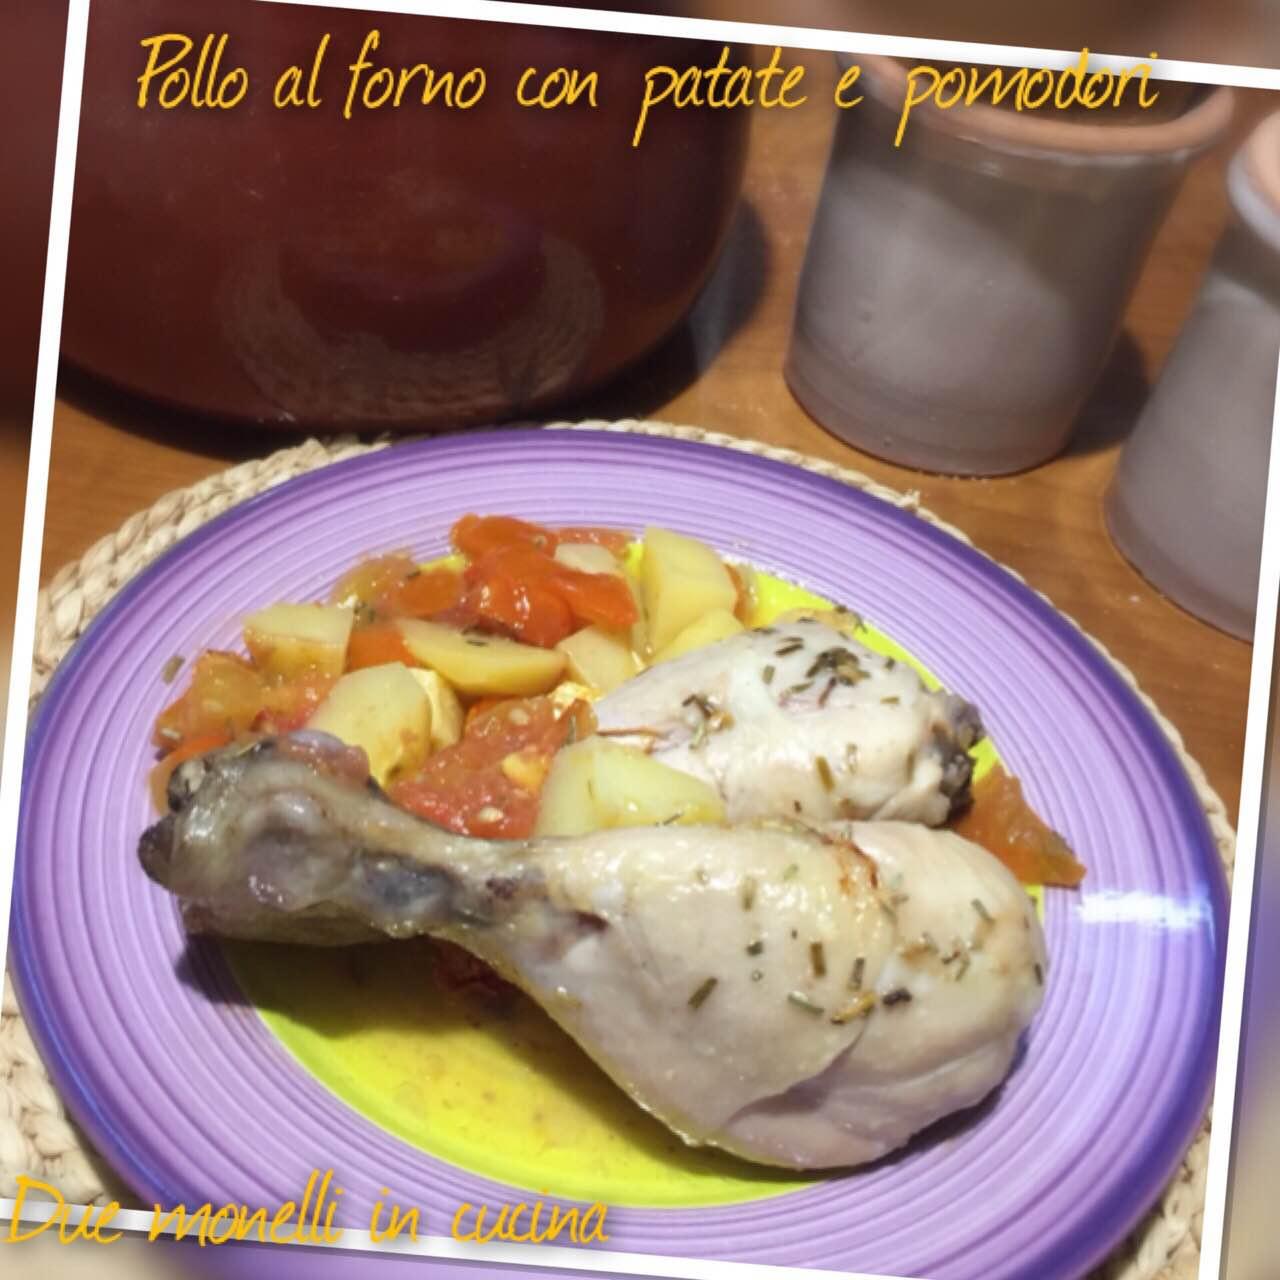 Pollo al forno con patate e pomodori